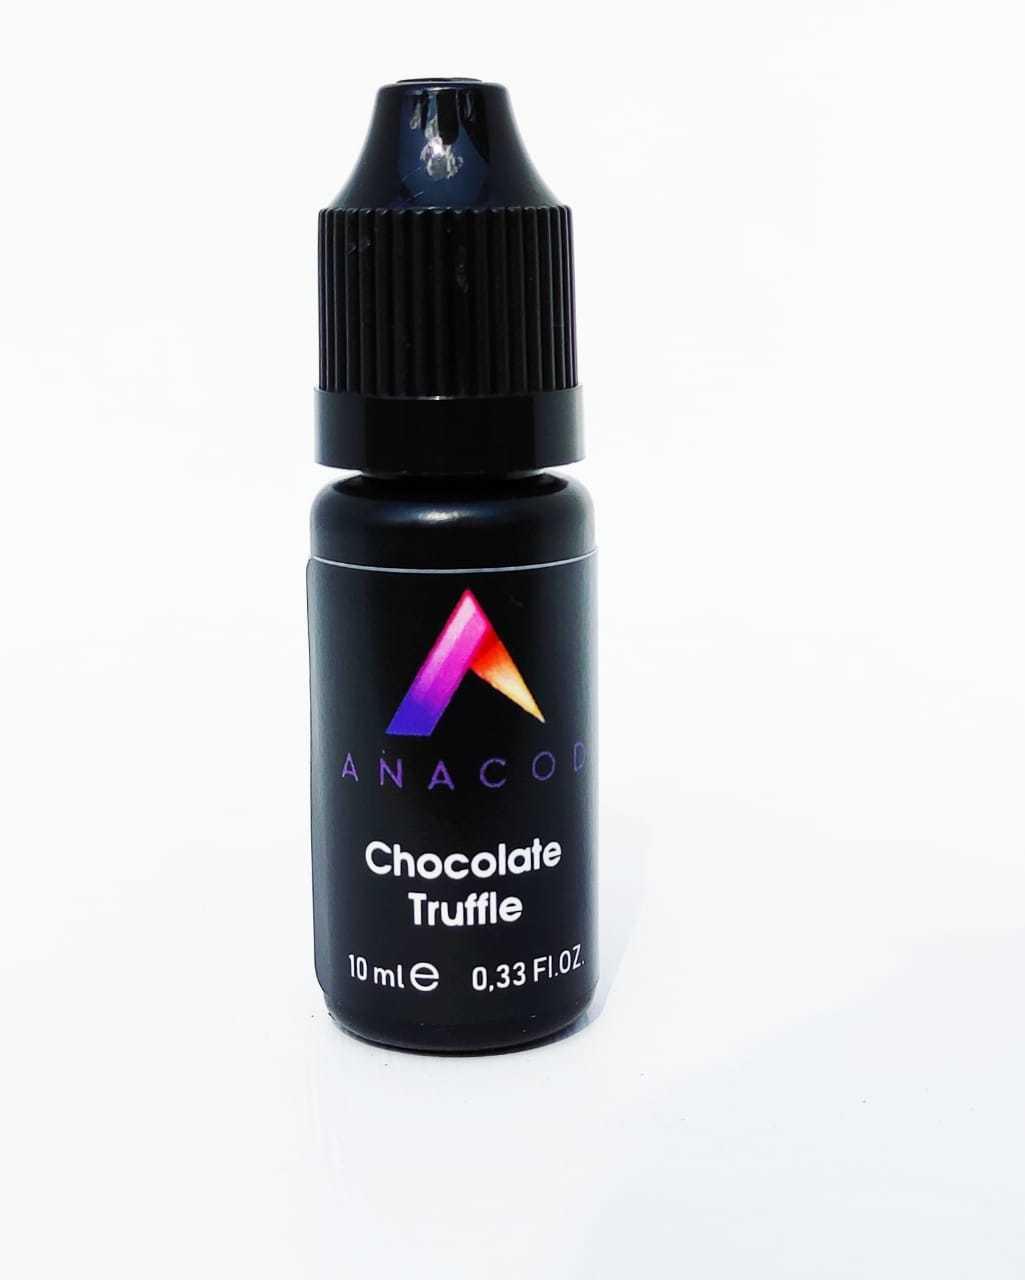 Anacod Chocolate Truffle